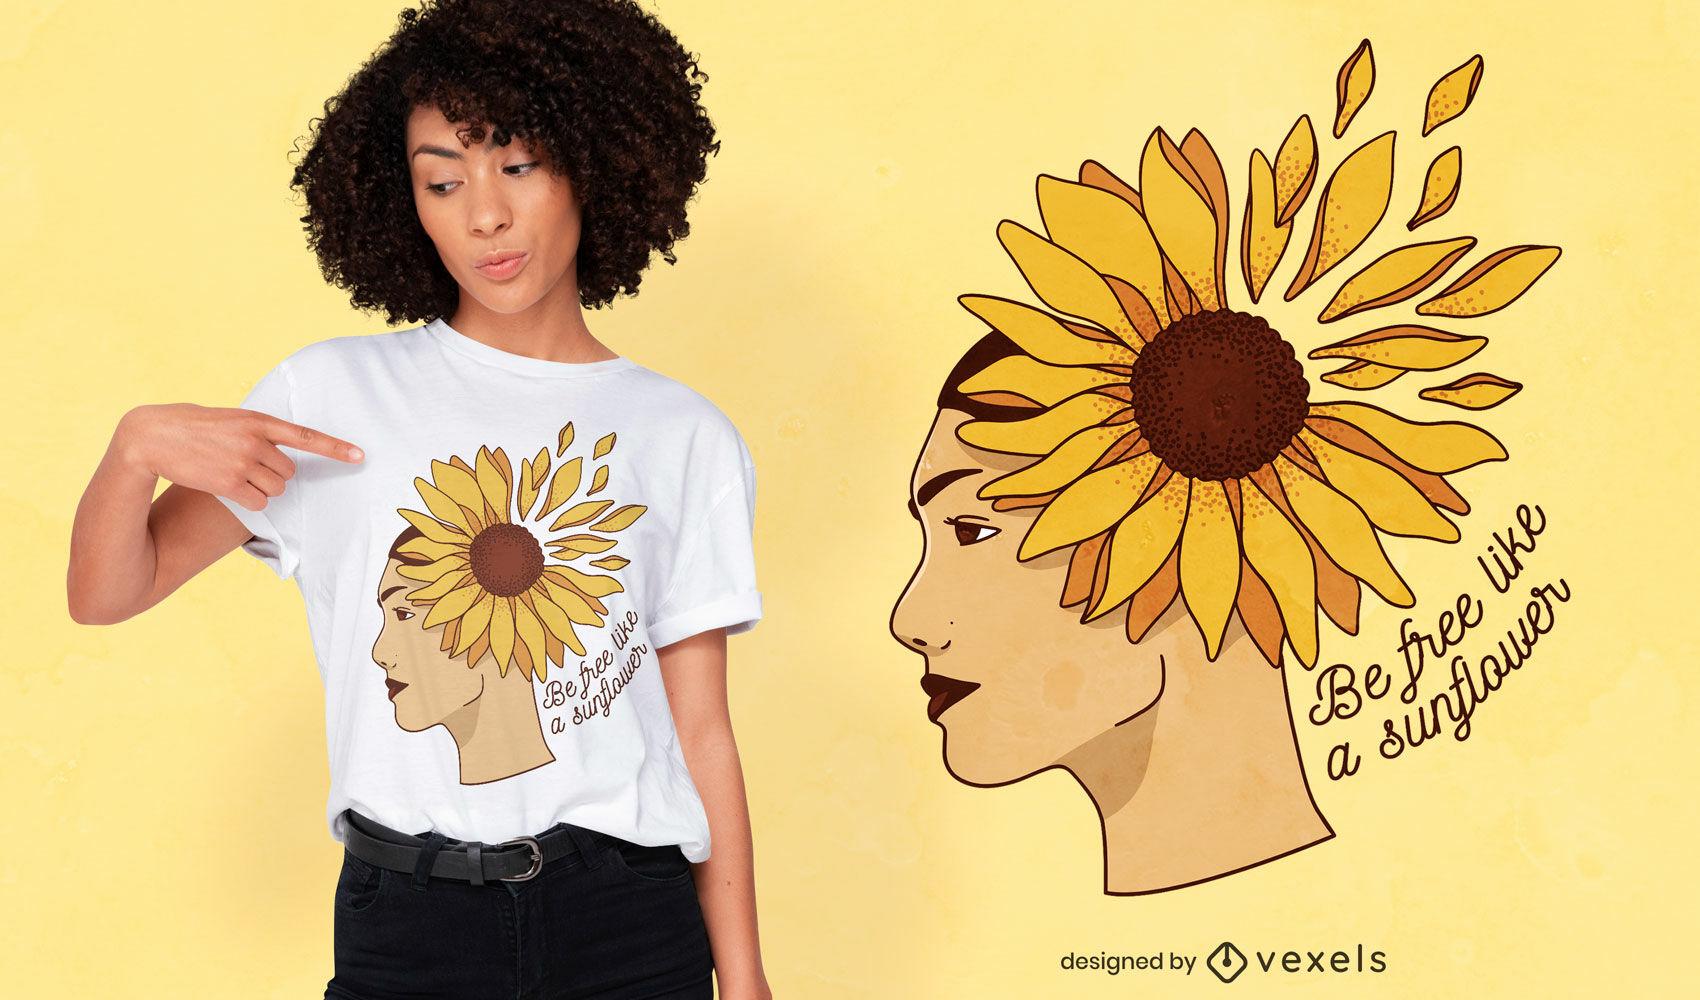 Sunflower woman nature t-shirt design